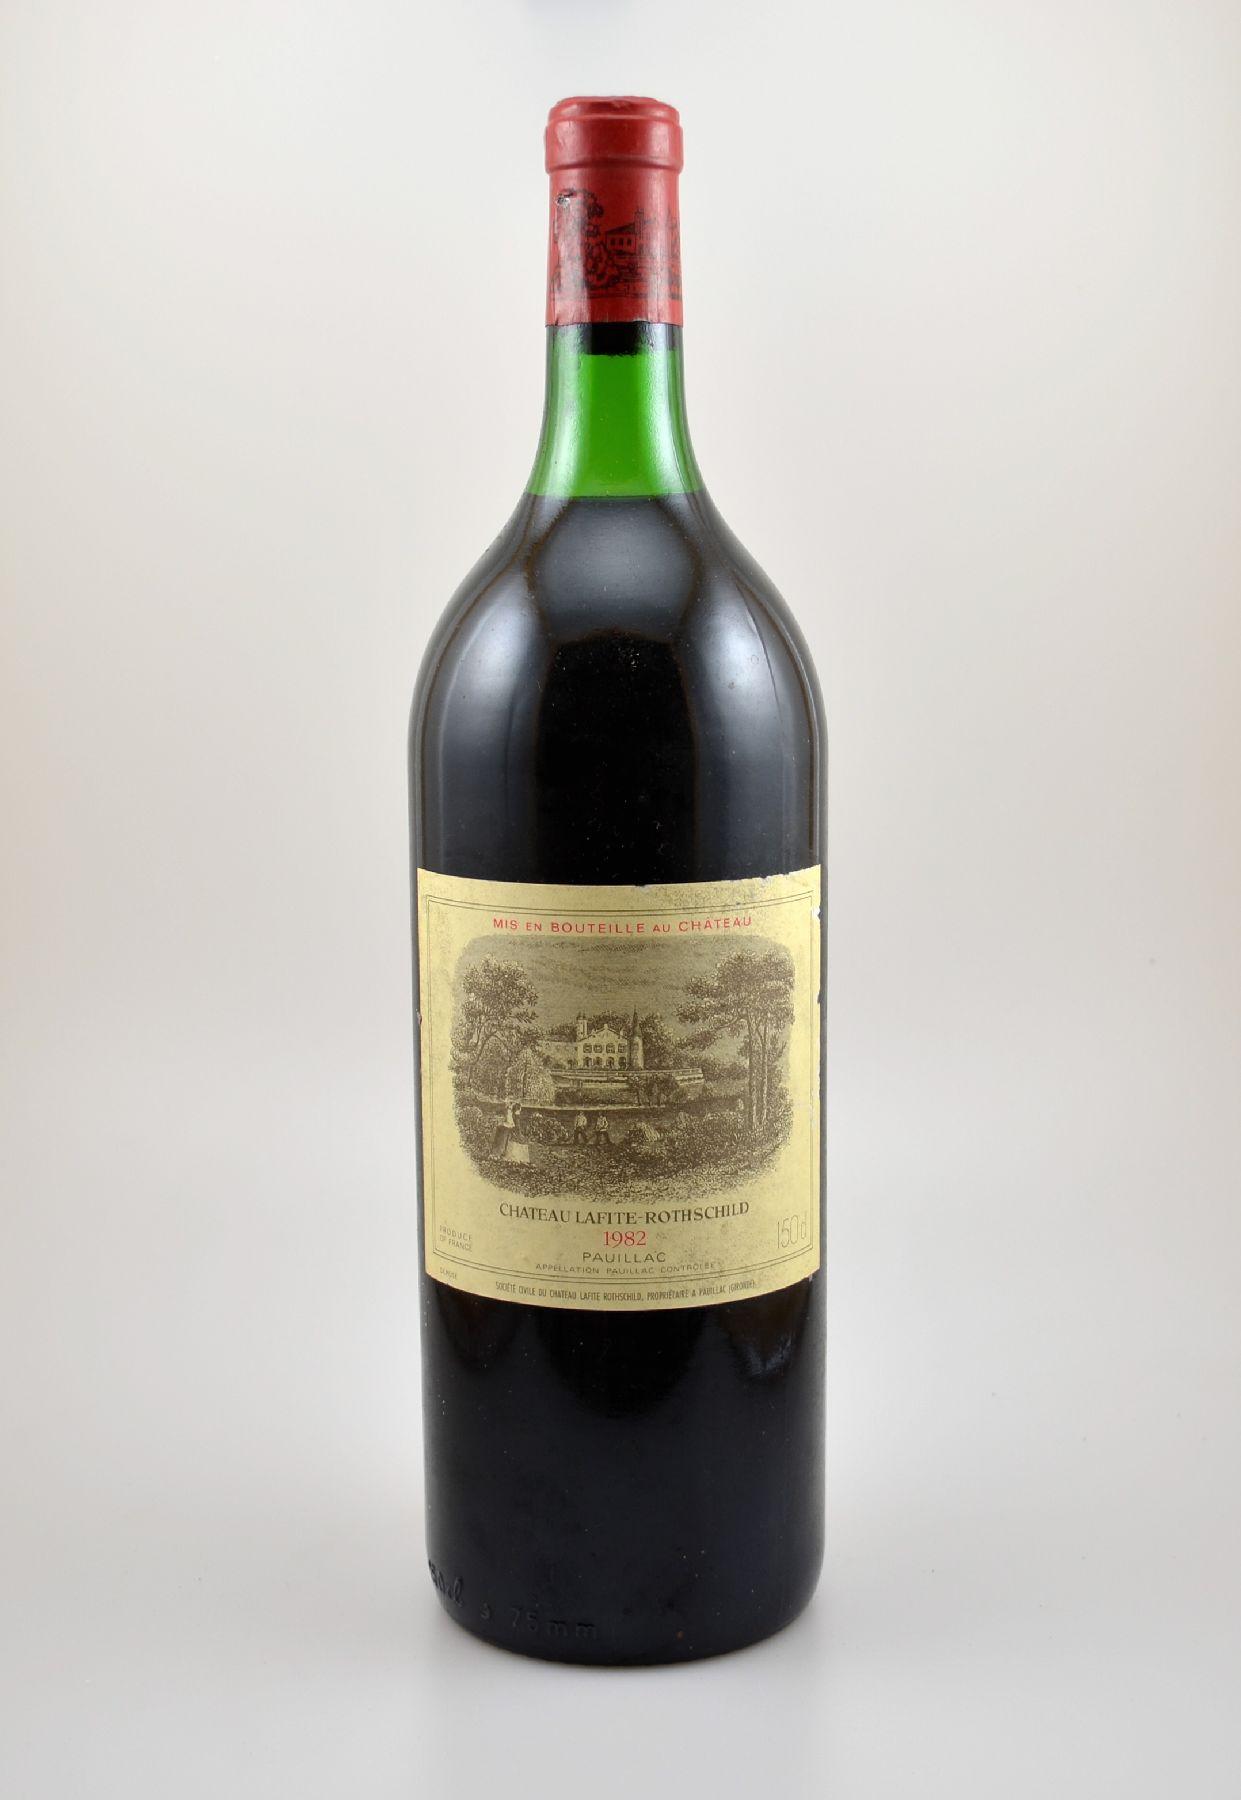 Vente Vins et Spiritueux chez Henry's Auktionshaus : 200 lots